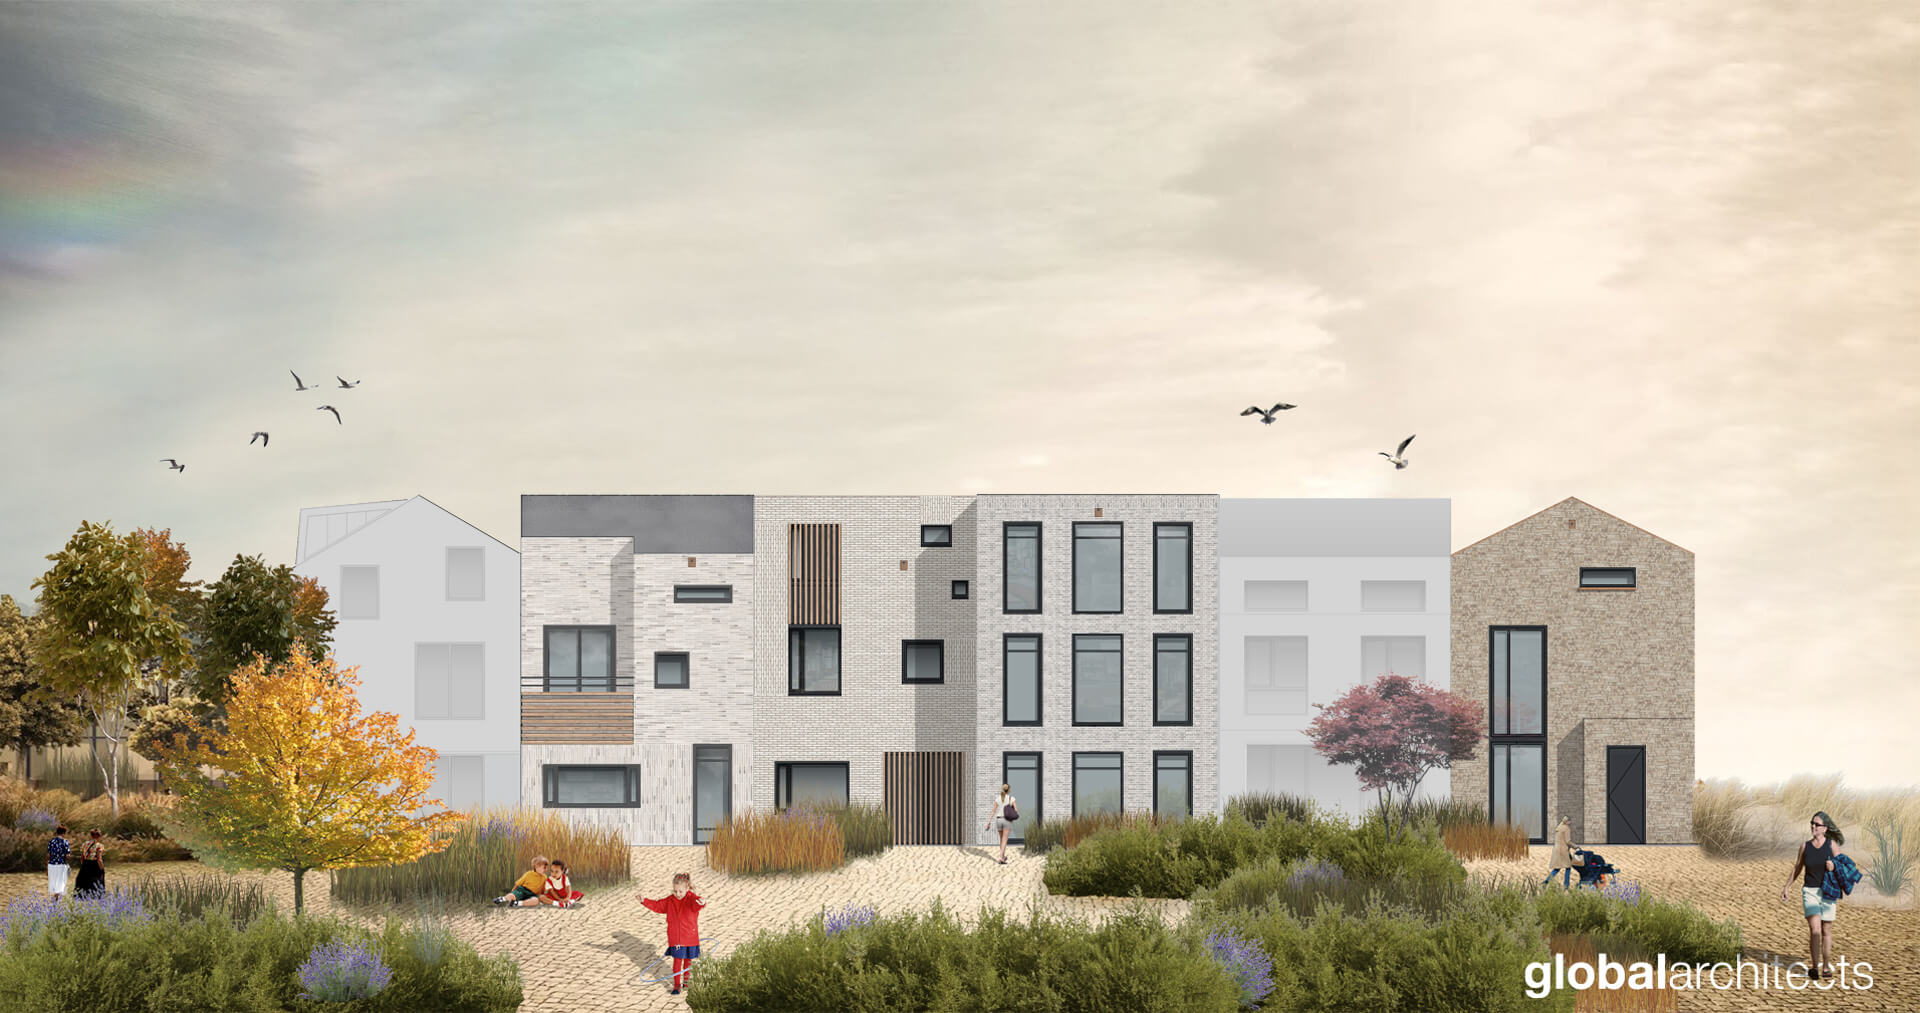 Egel_Schapenatjesduin_Kijkduin_zelfbouw_architect_architectenbureua_den_haag